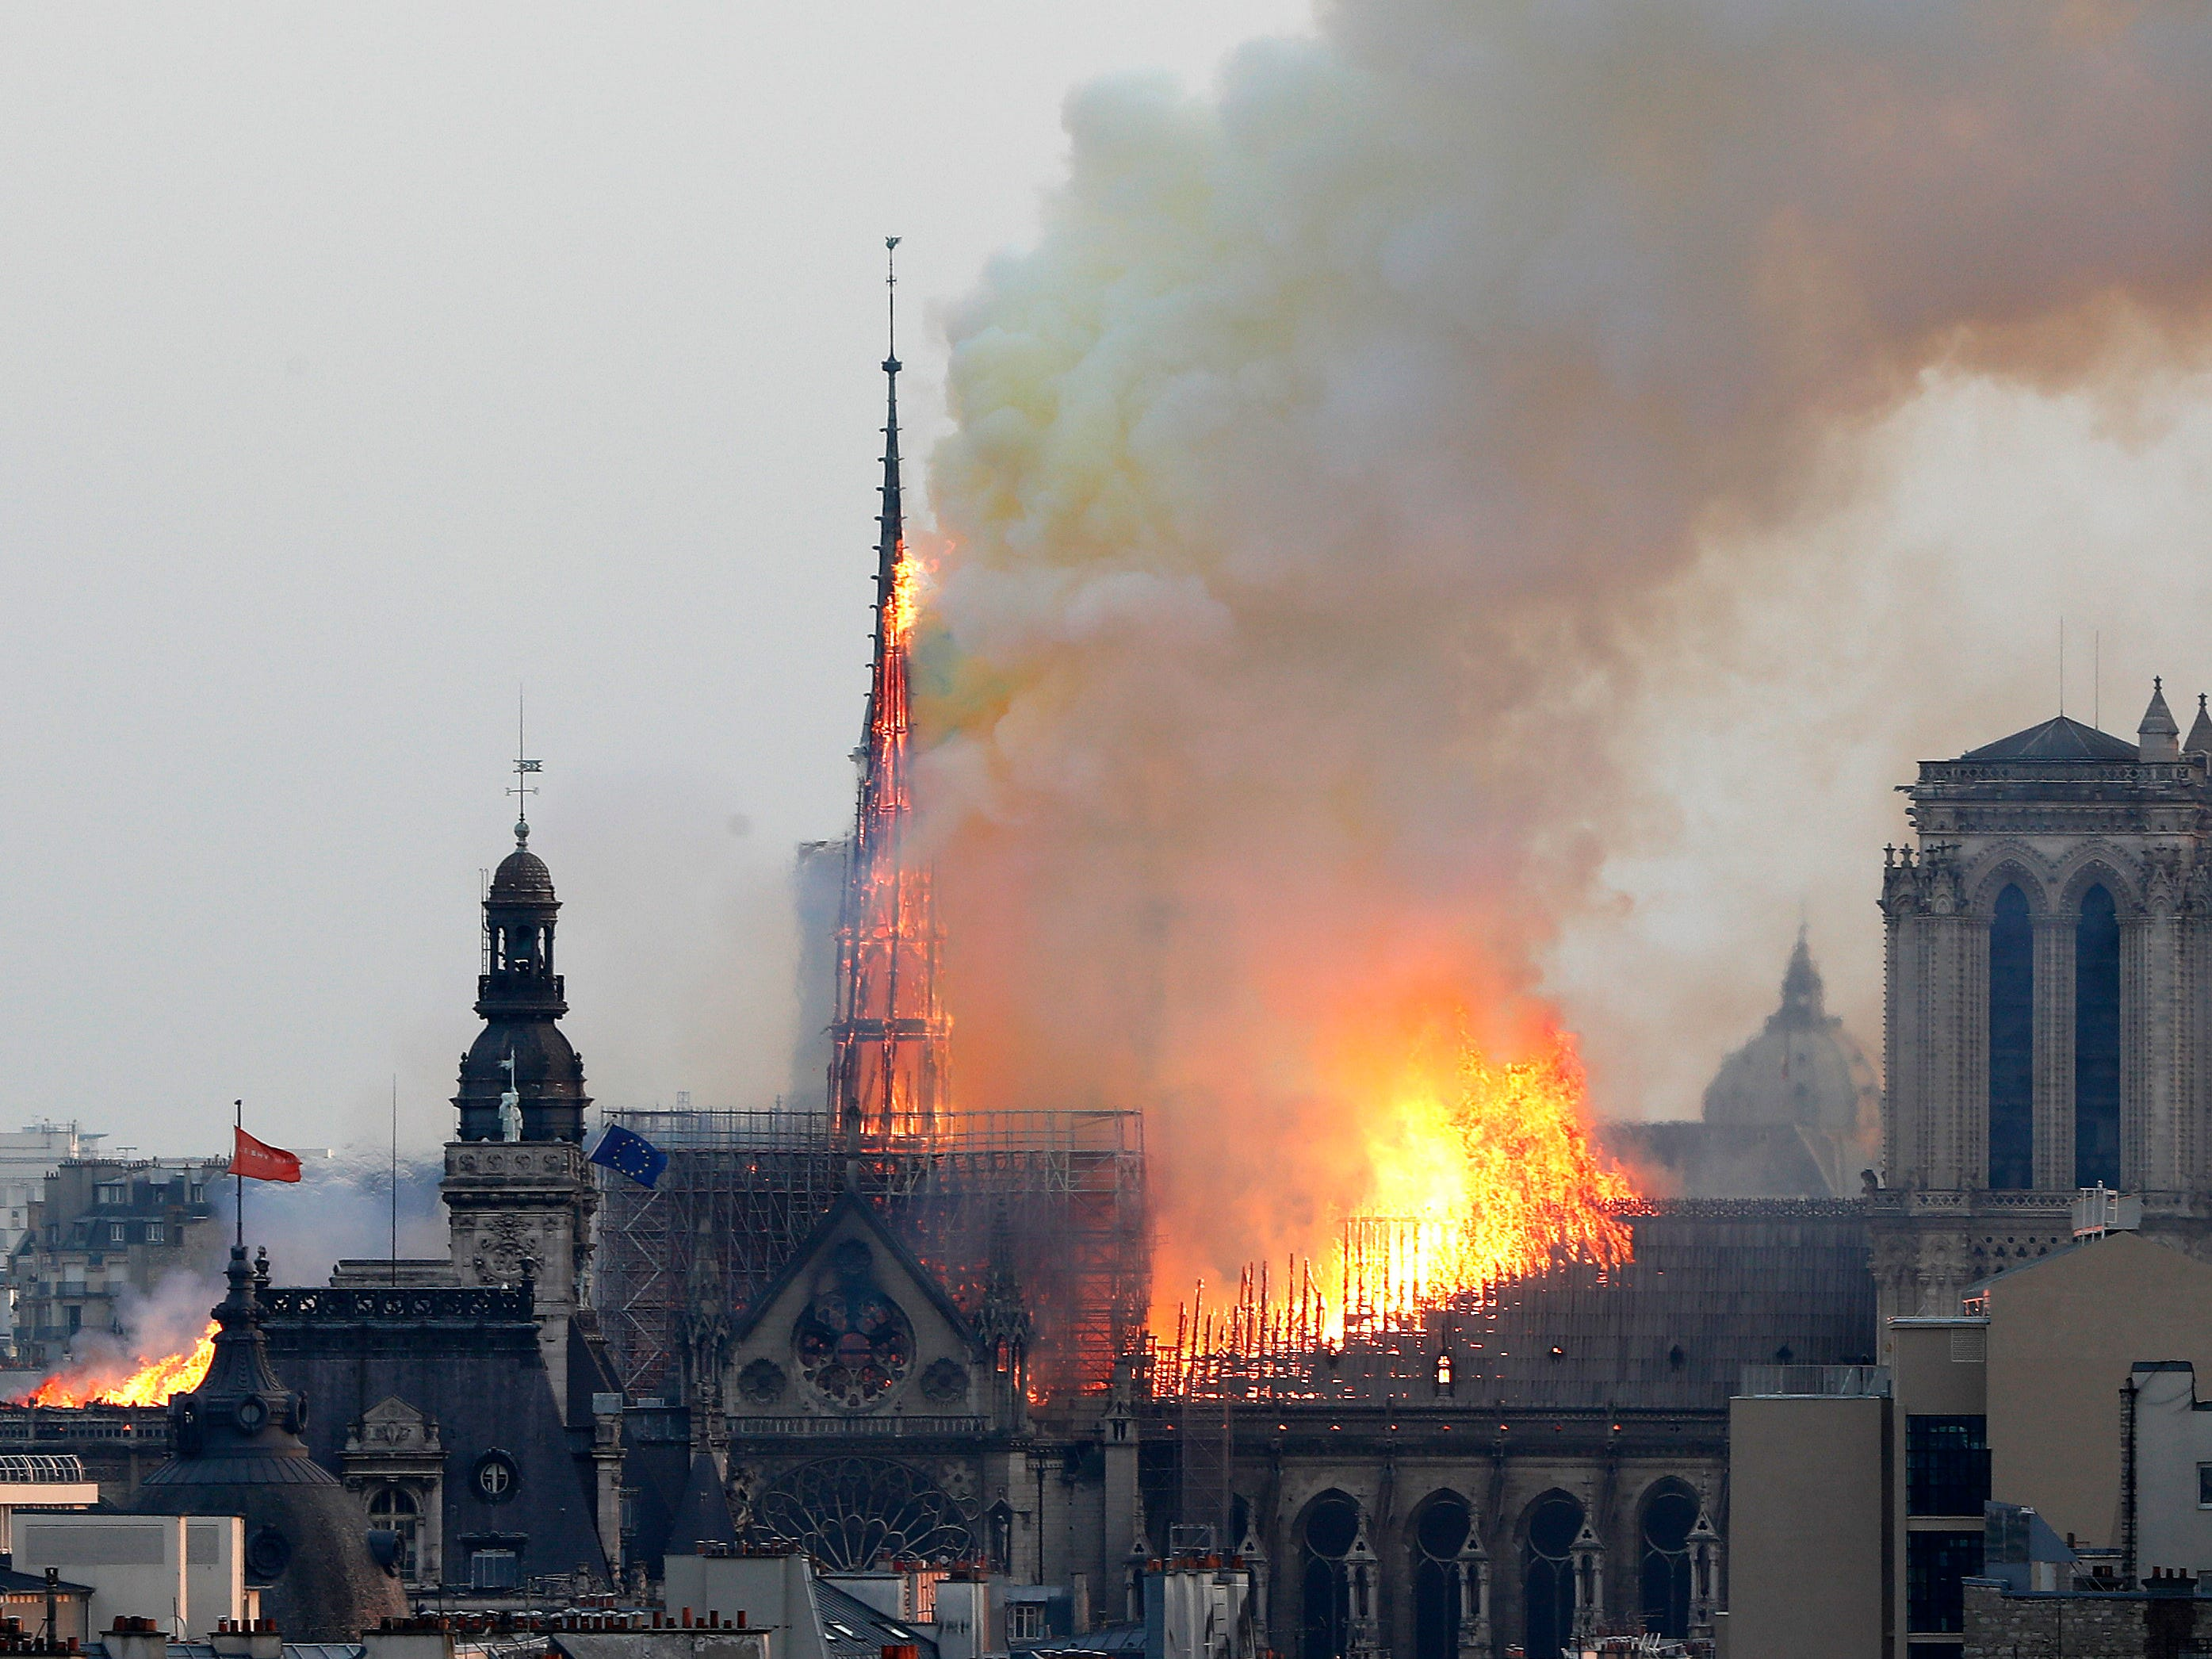 Un incendio se suscitó el lunes 15 de abril, 2019, en la Catedral de Notre Dame en París.